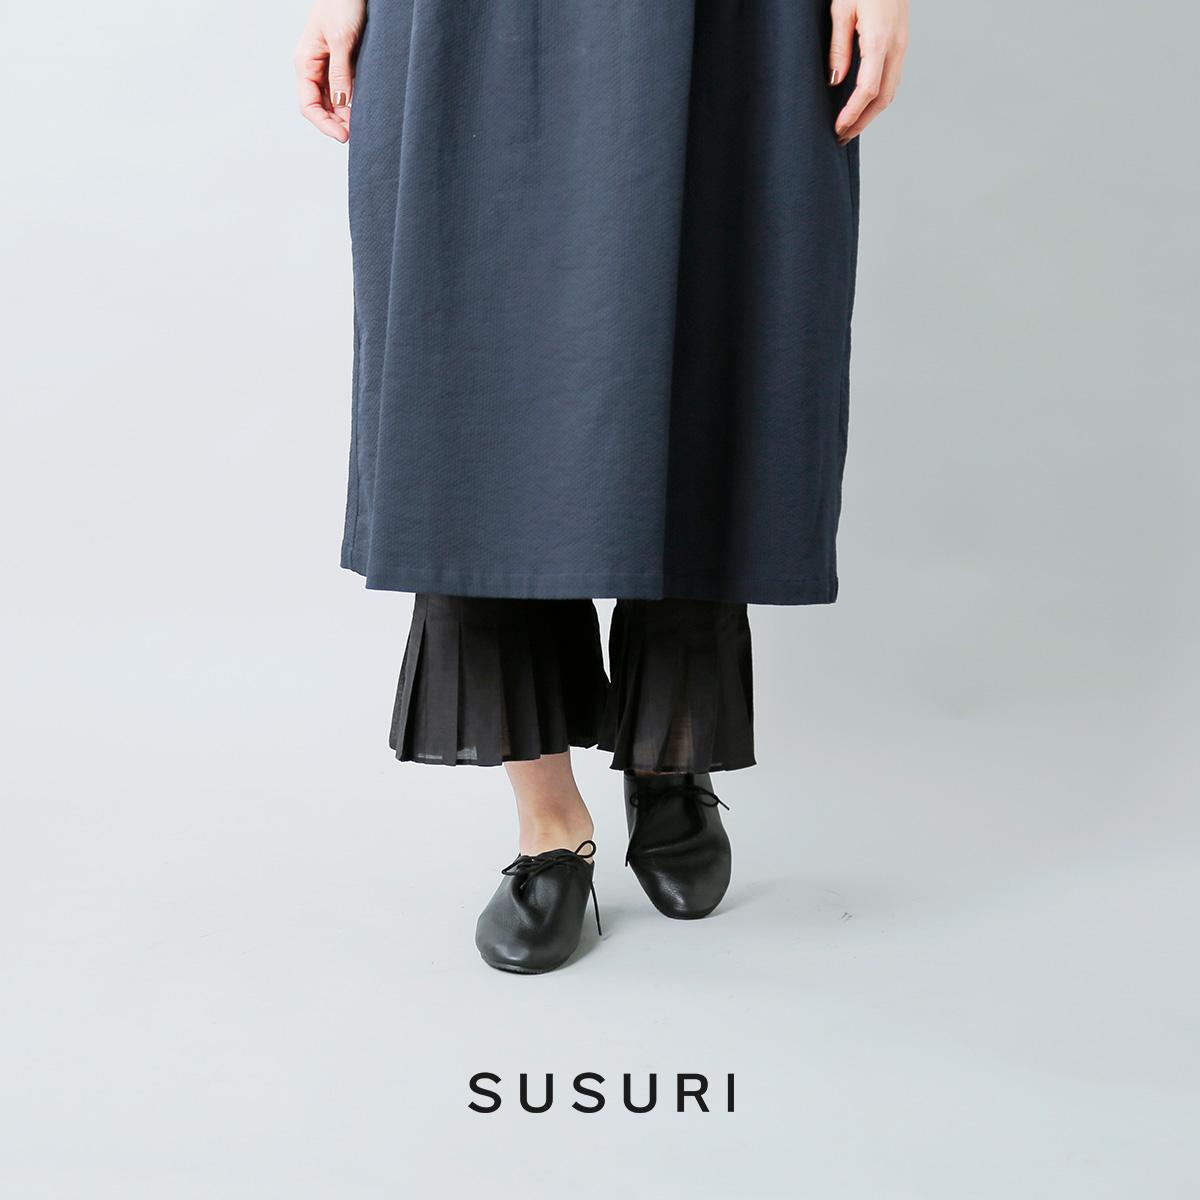 susuri(ススリ)コットンシルクフルッターパンツ 20-505